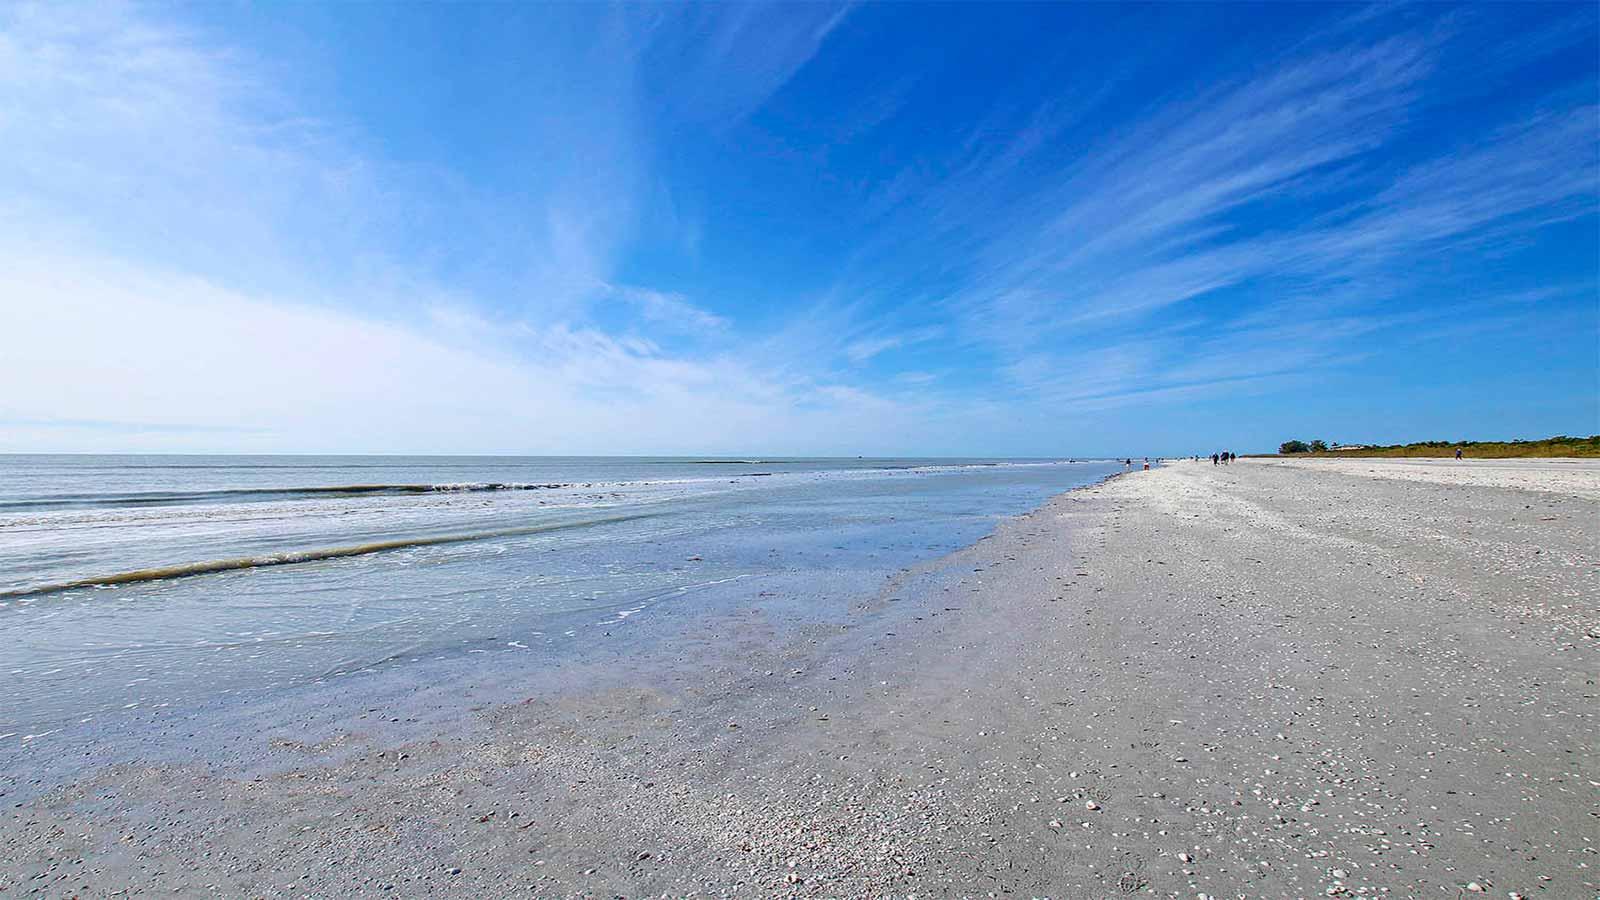 Clamshell Condos beach